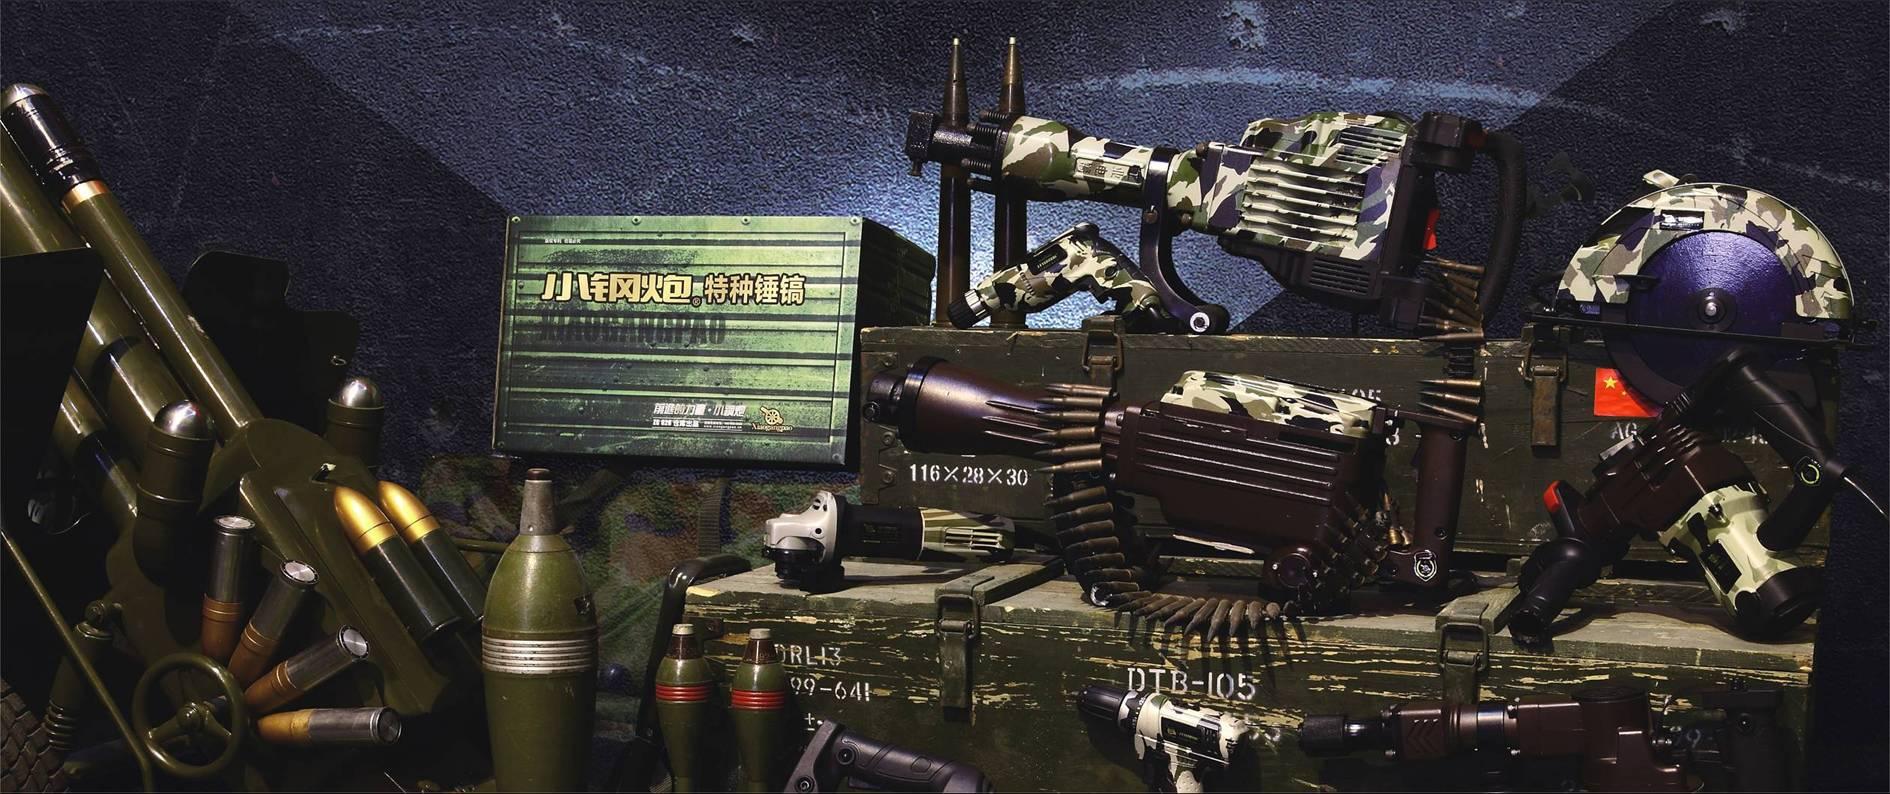 小钢炮X2-185A电圆锯石材专用图片五